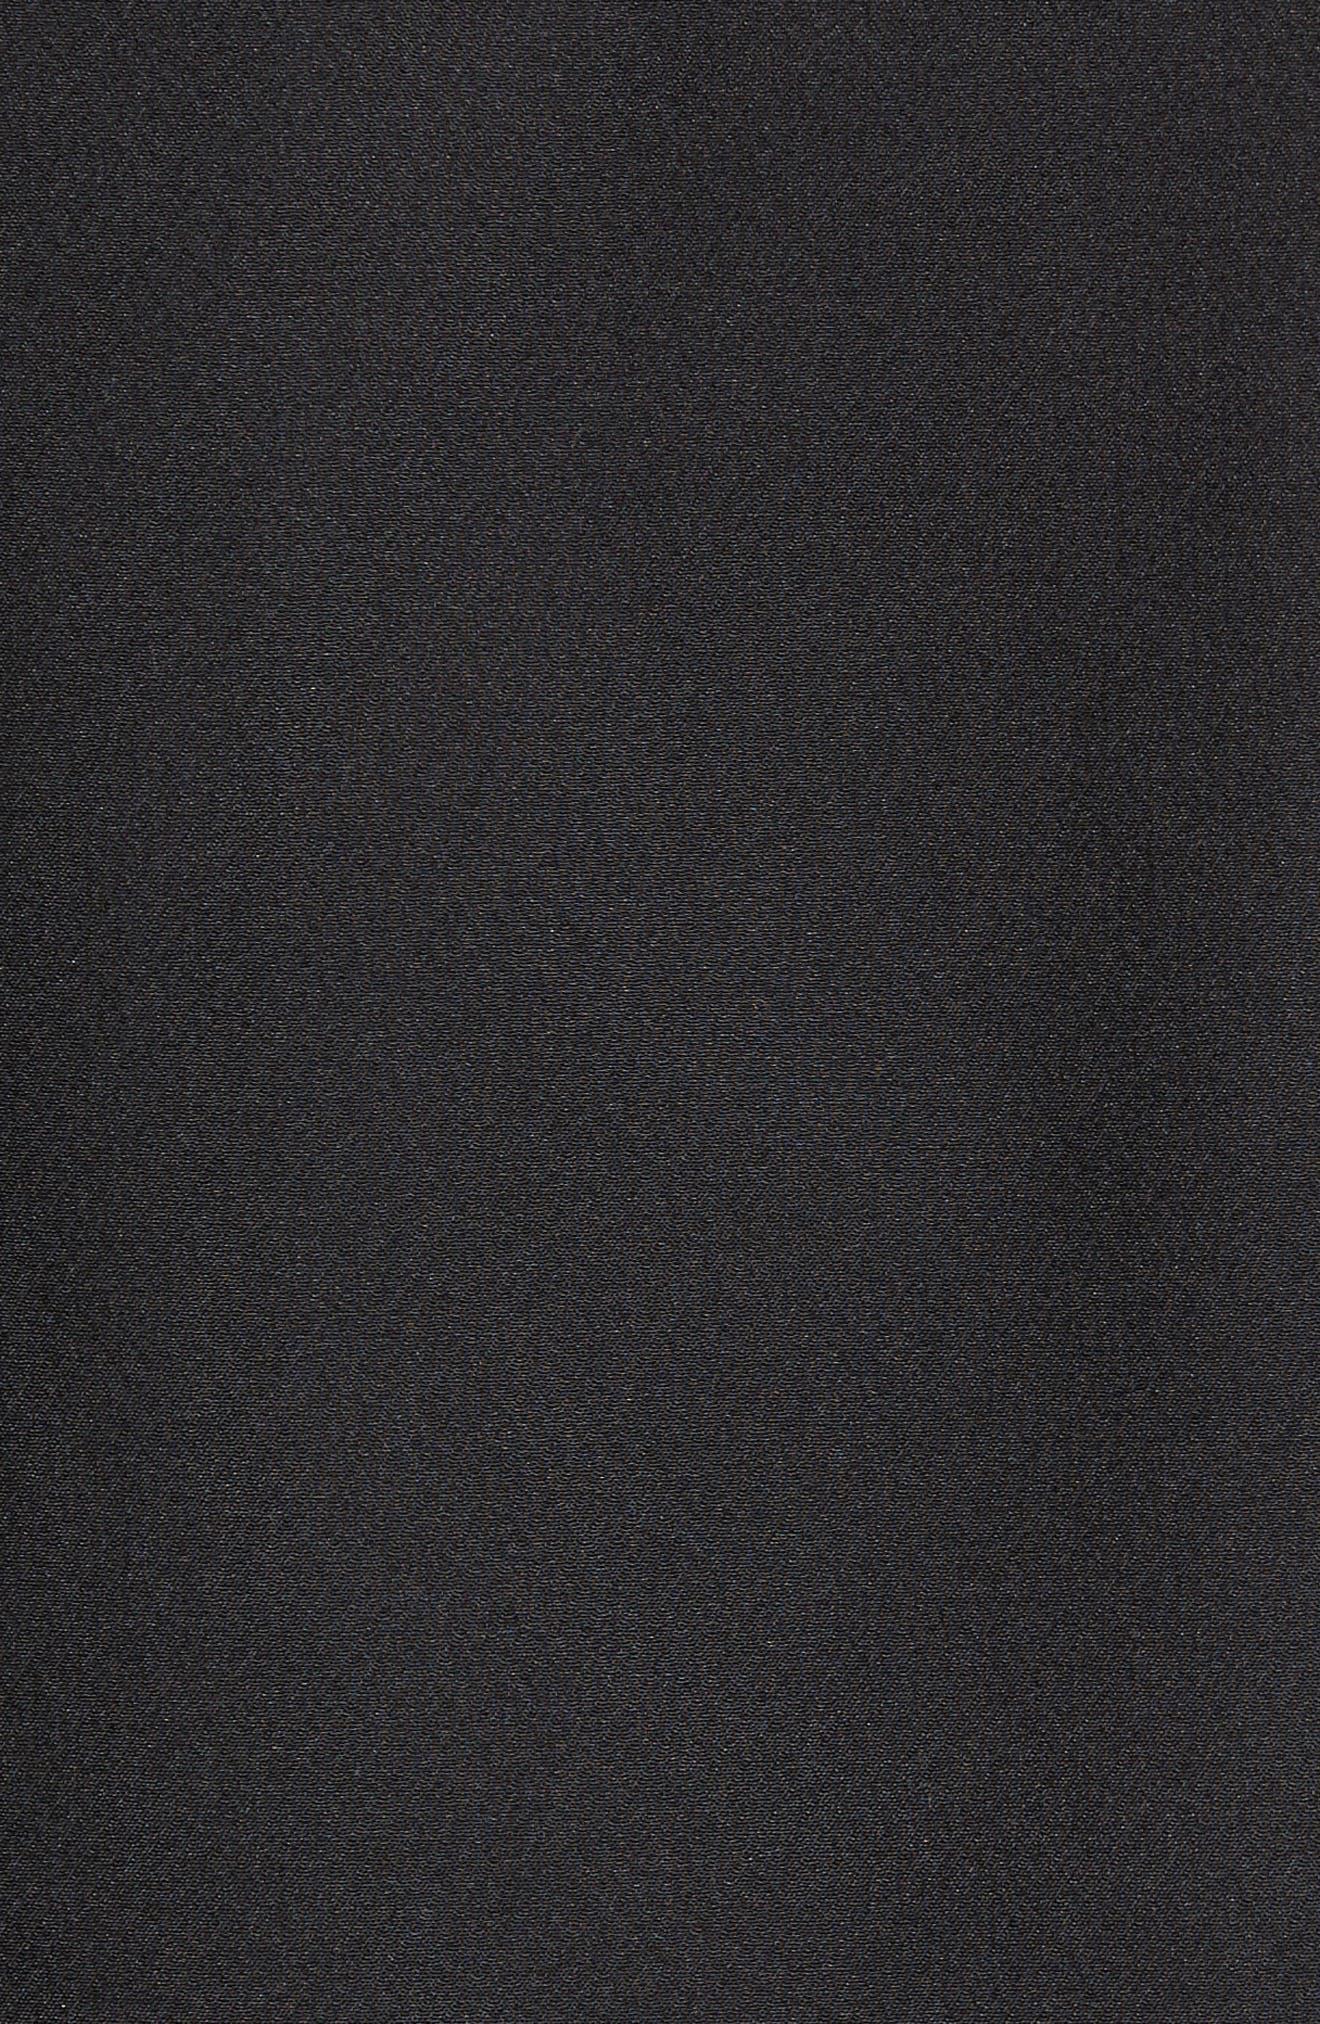 ,                             'Blakely' WeatherTec<sup>®</sup> Wind & Water Resistant Full Zip Jacket,                             Alternate thumbnail 5, color,                             BLACK